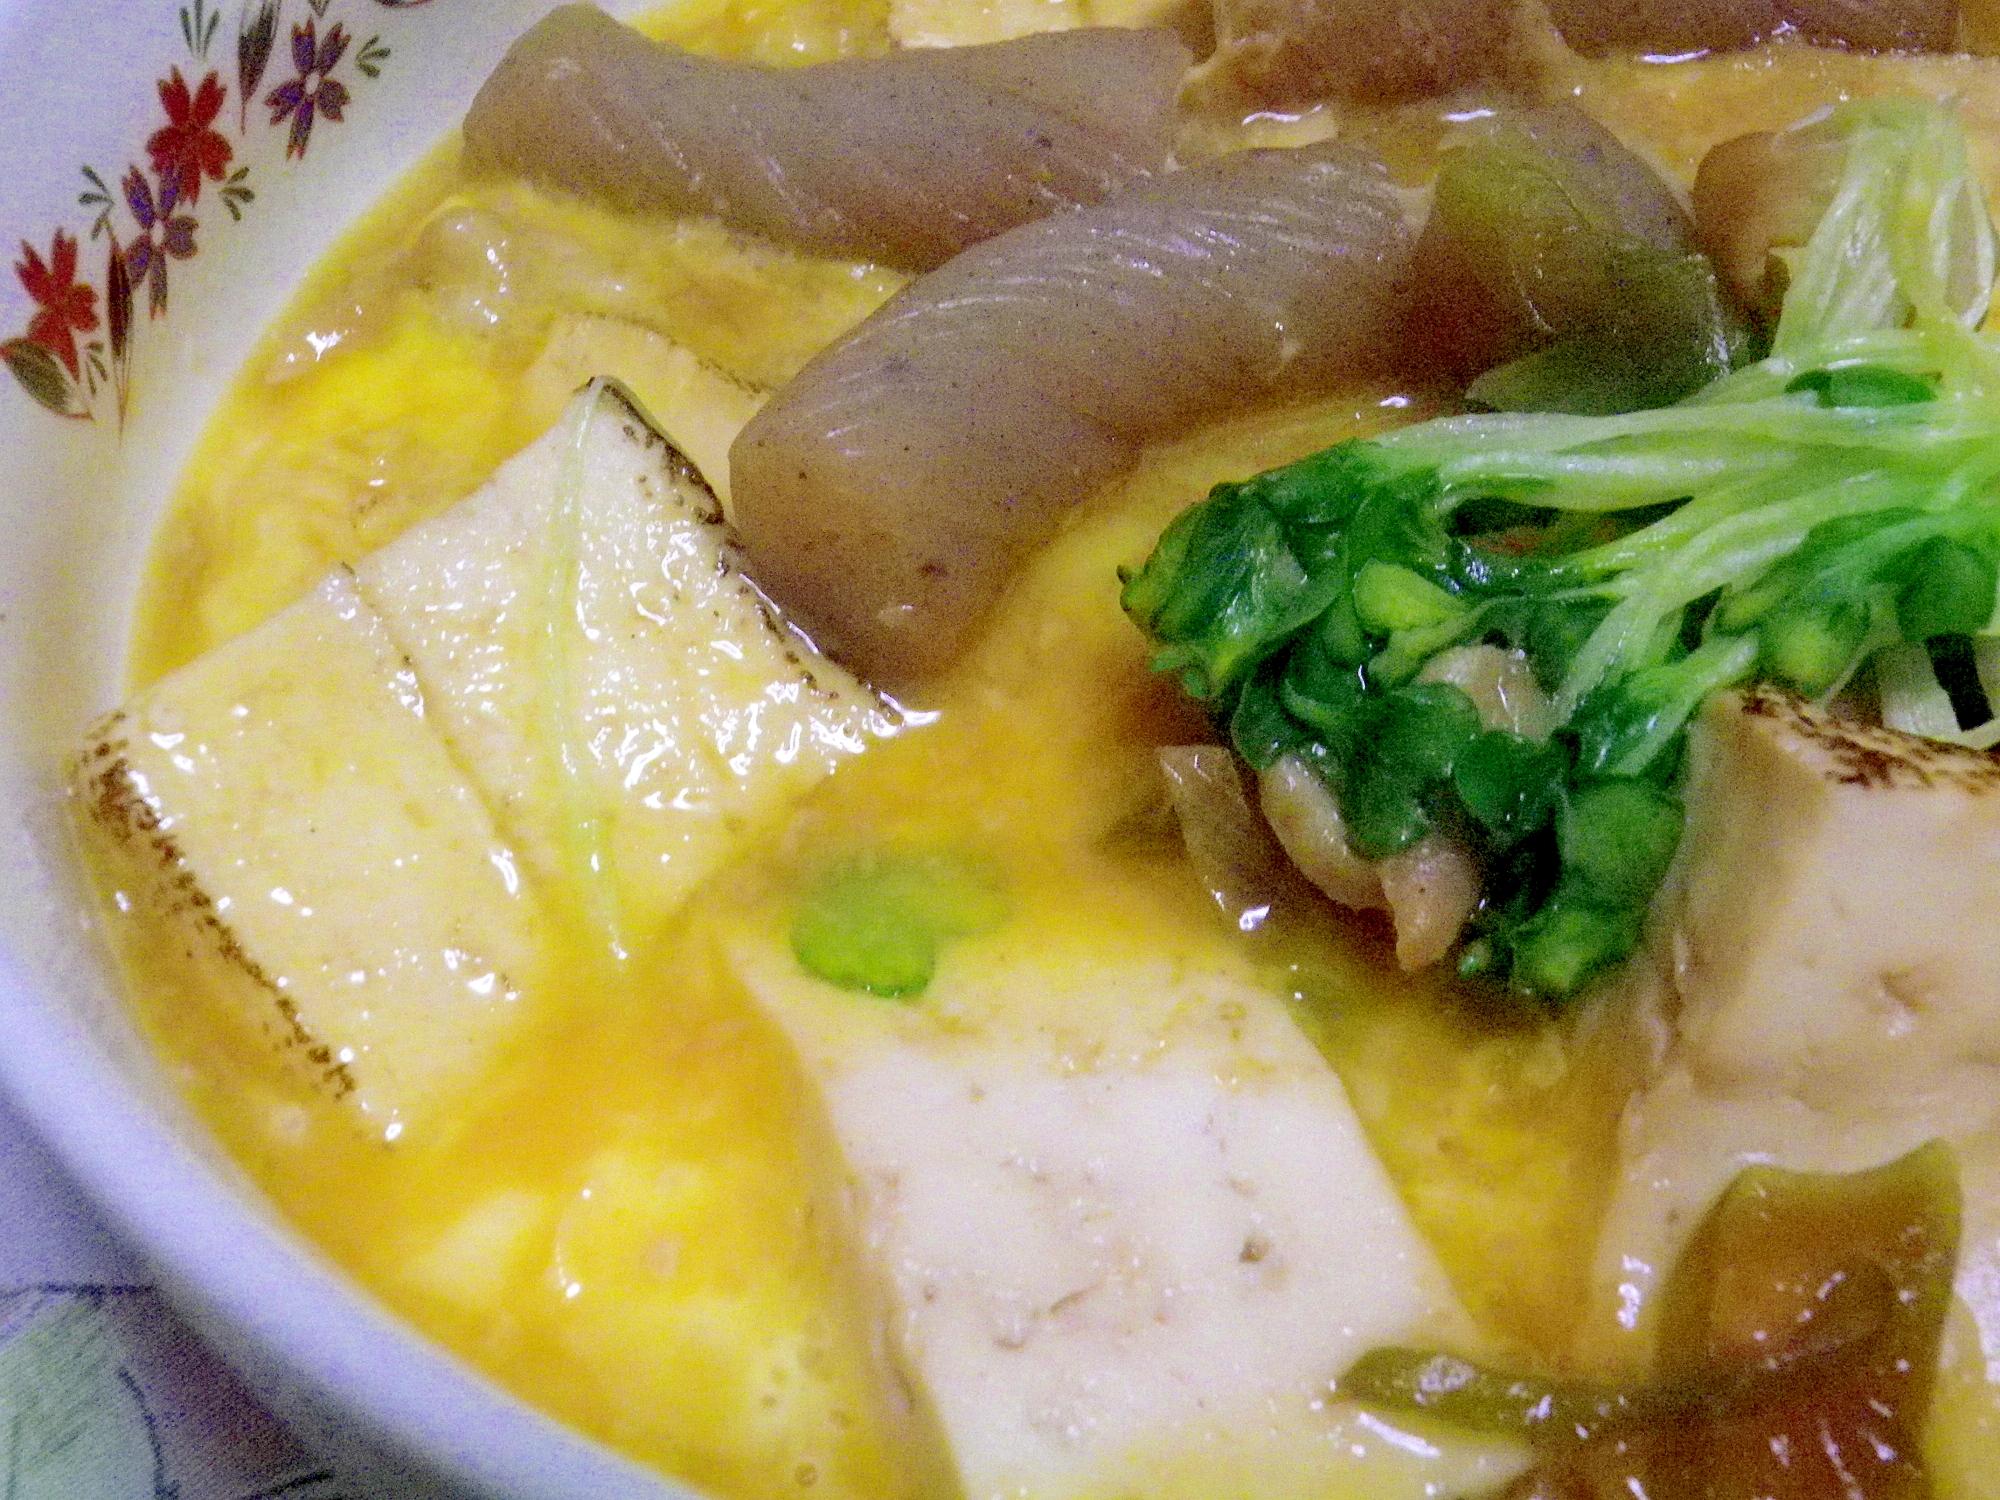 鶏皮と焼き豆腐のすき焼き風